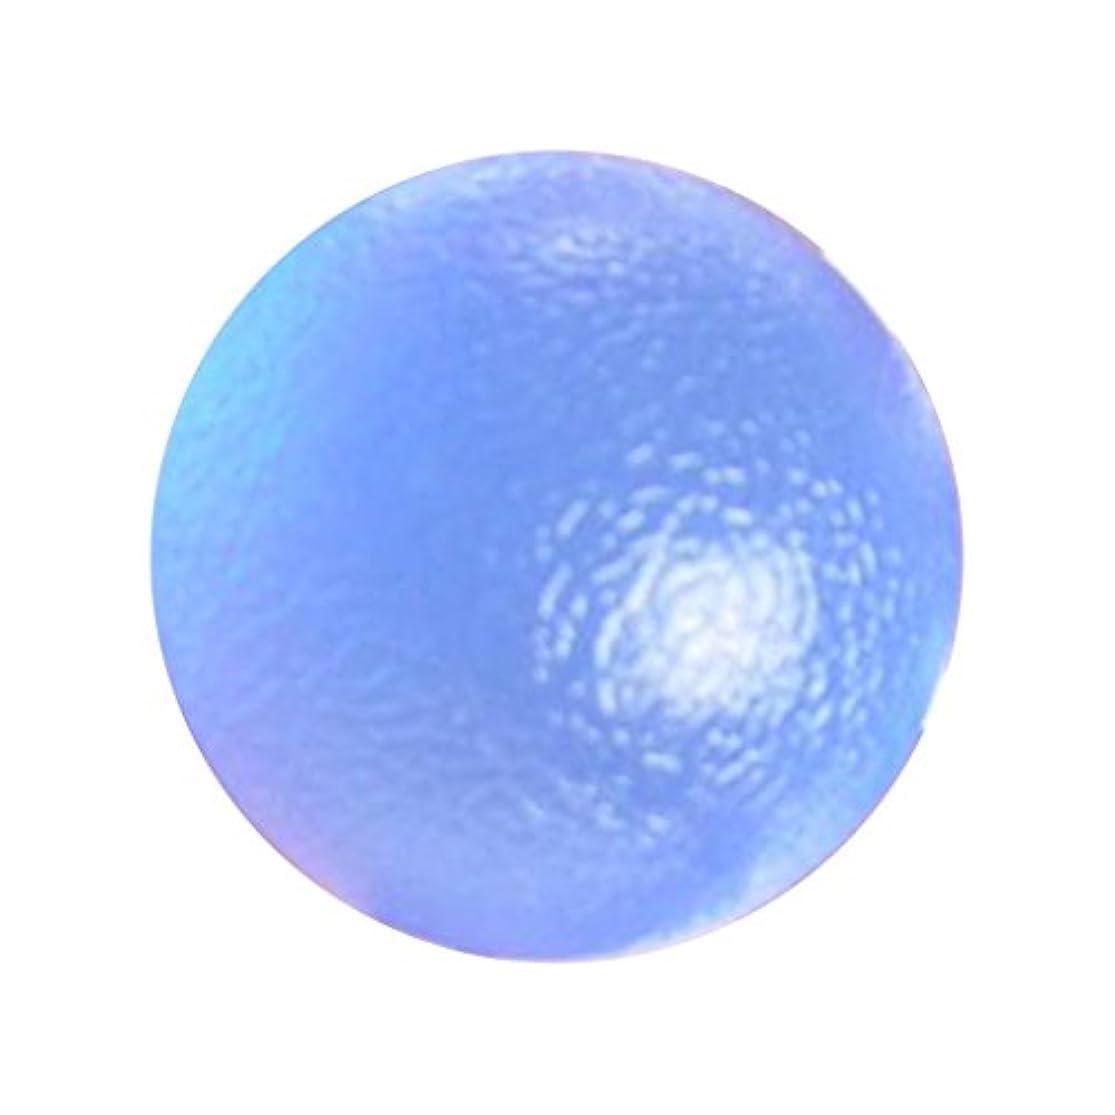 微視的私たちのもの絶壁Baoblaze グリップボール マッサージ ボール エクササイザ ポケットサイズ TPR 運動 便利 3タイプ選べ - ブルーハード